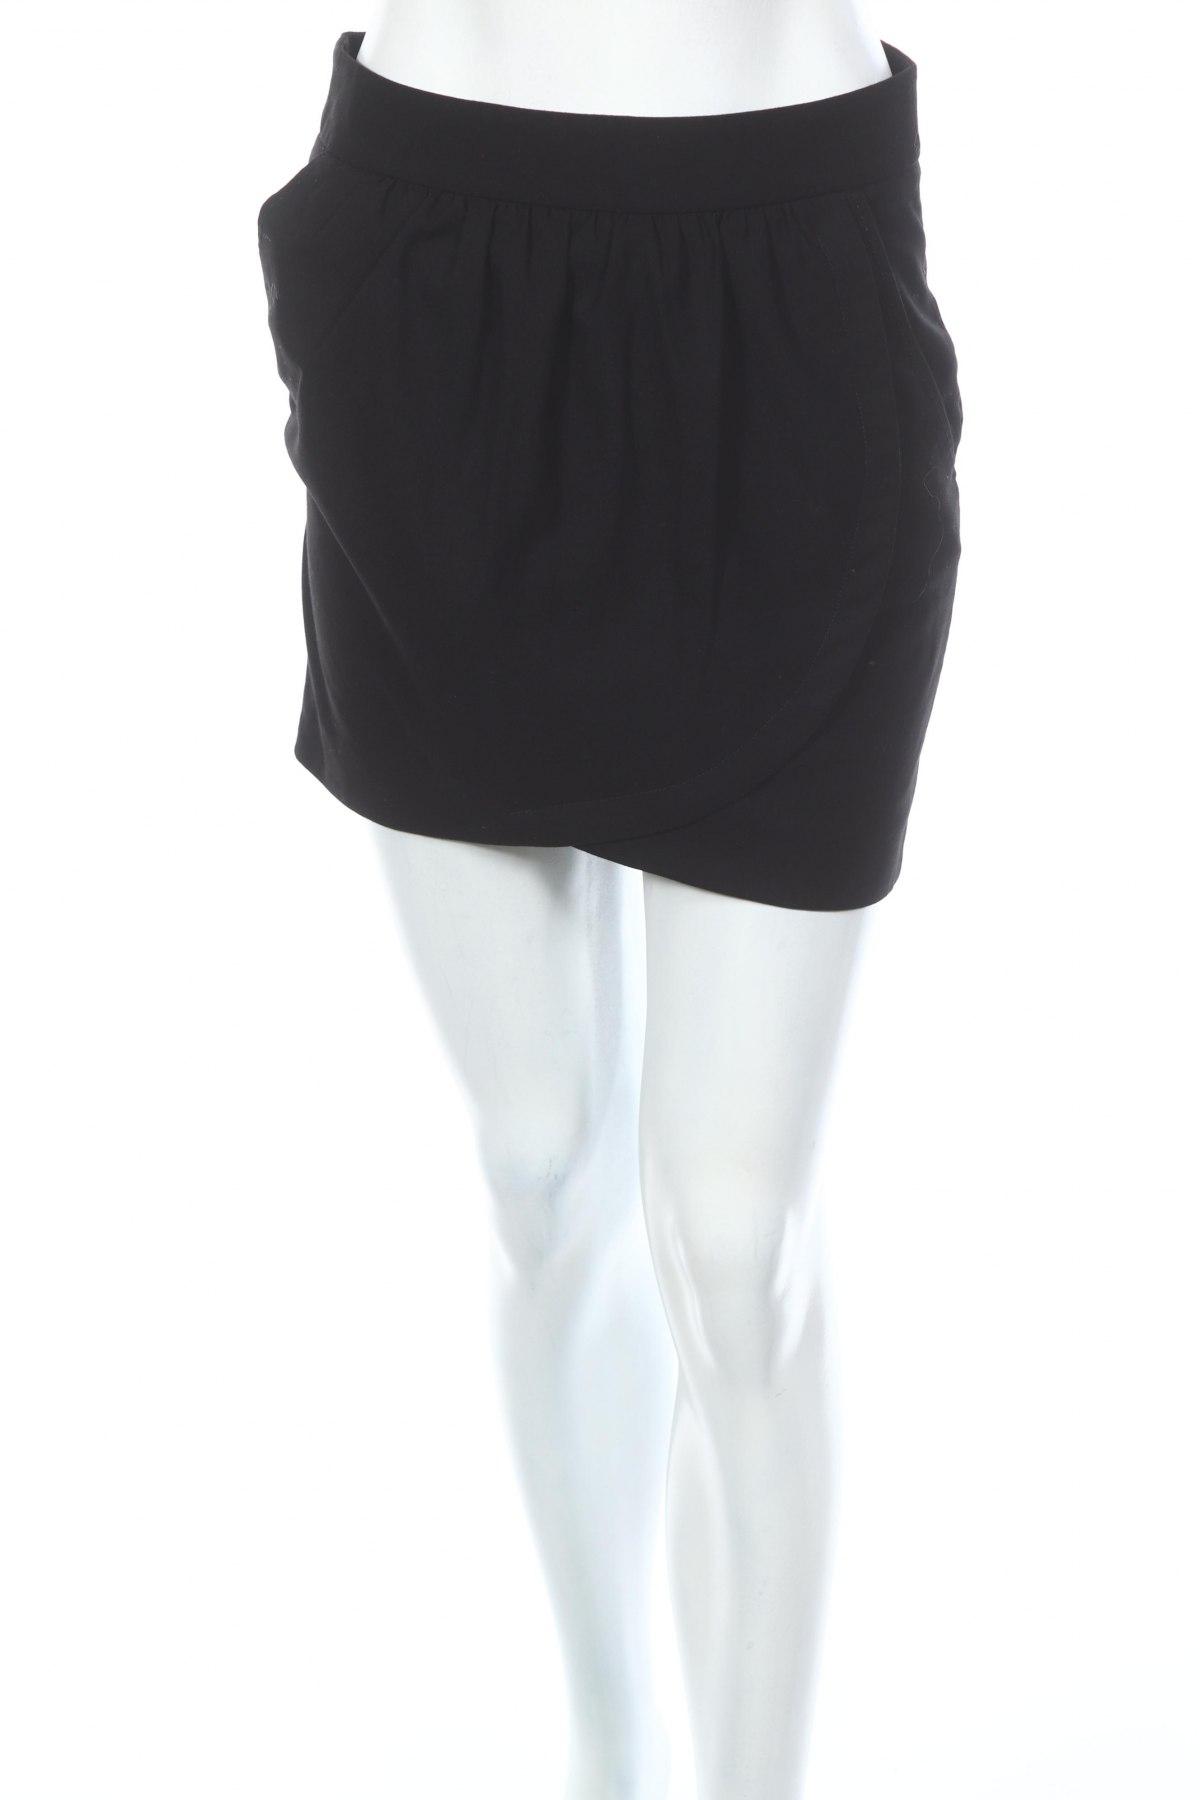 Φούστα Talula, Μέγεθος S, Χρώμα Μαύρο, 65% πολυεστέρας, 33% βισκόζη, 2% ελαστάνη, Τιμή 5,31€